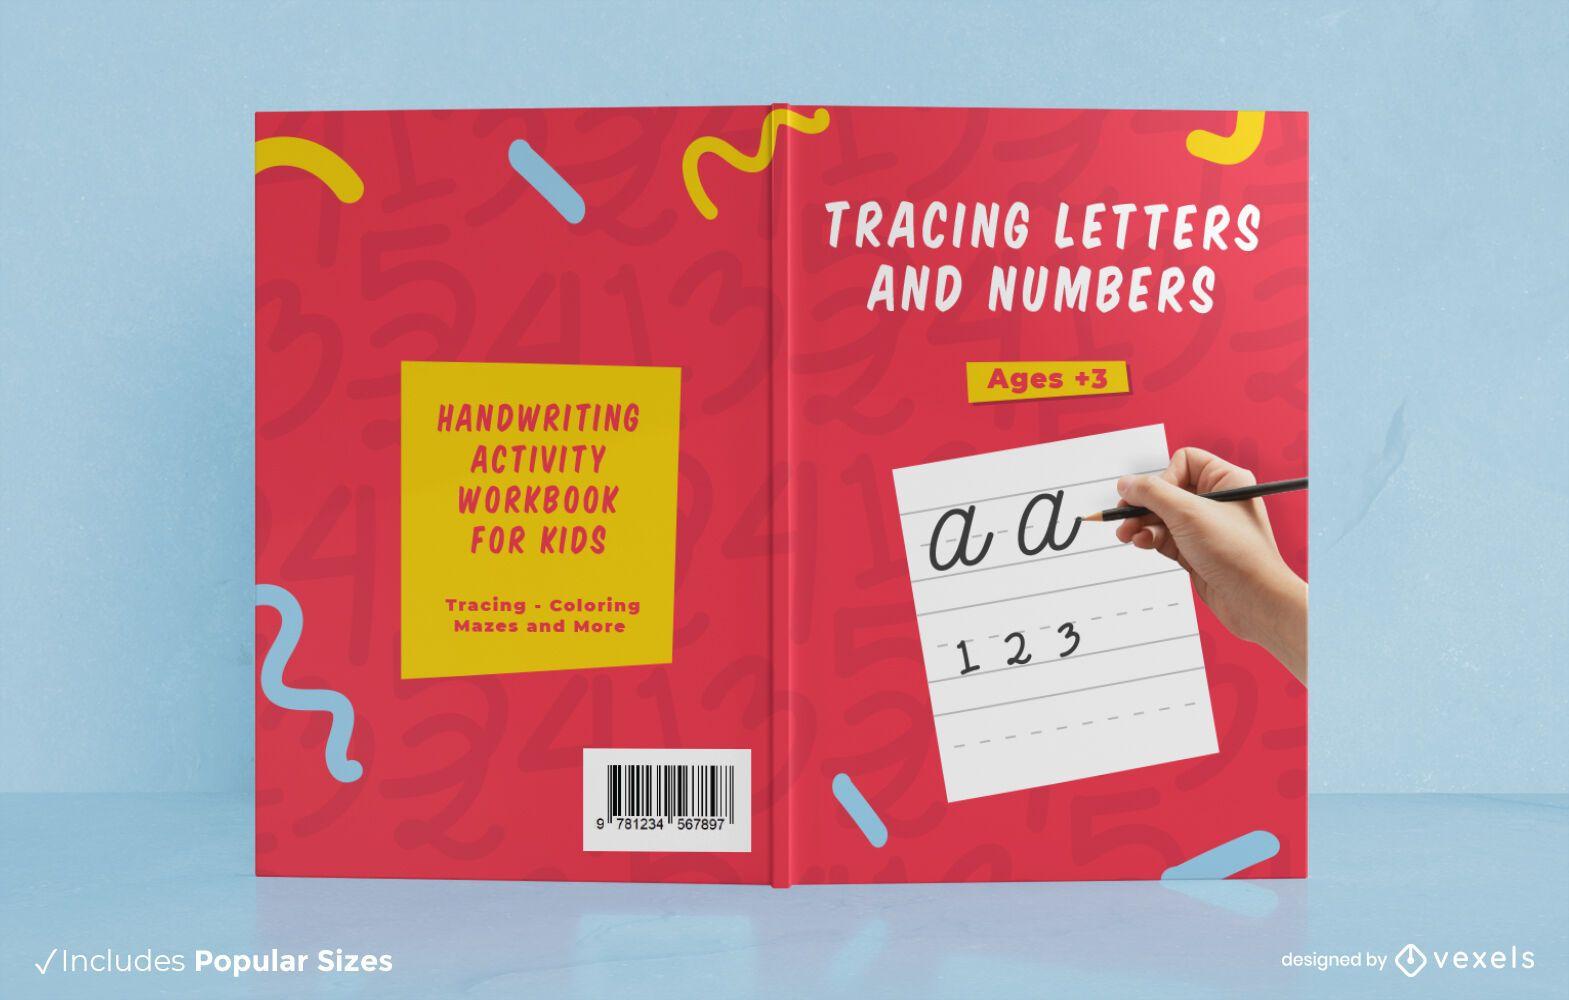 Desenho da capa do livro com letras de rastreamento